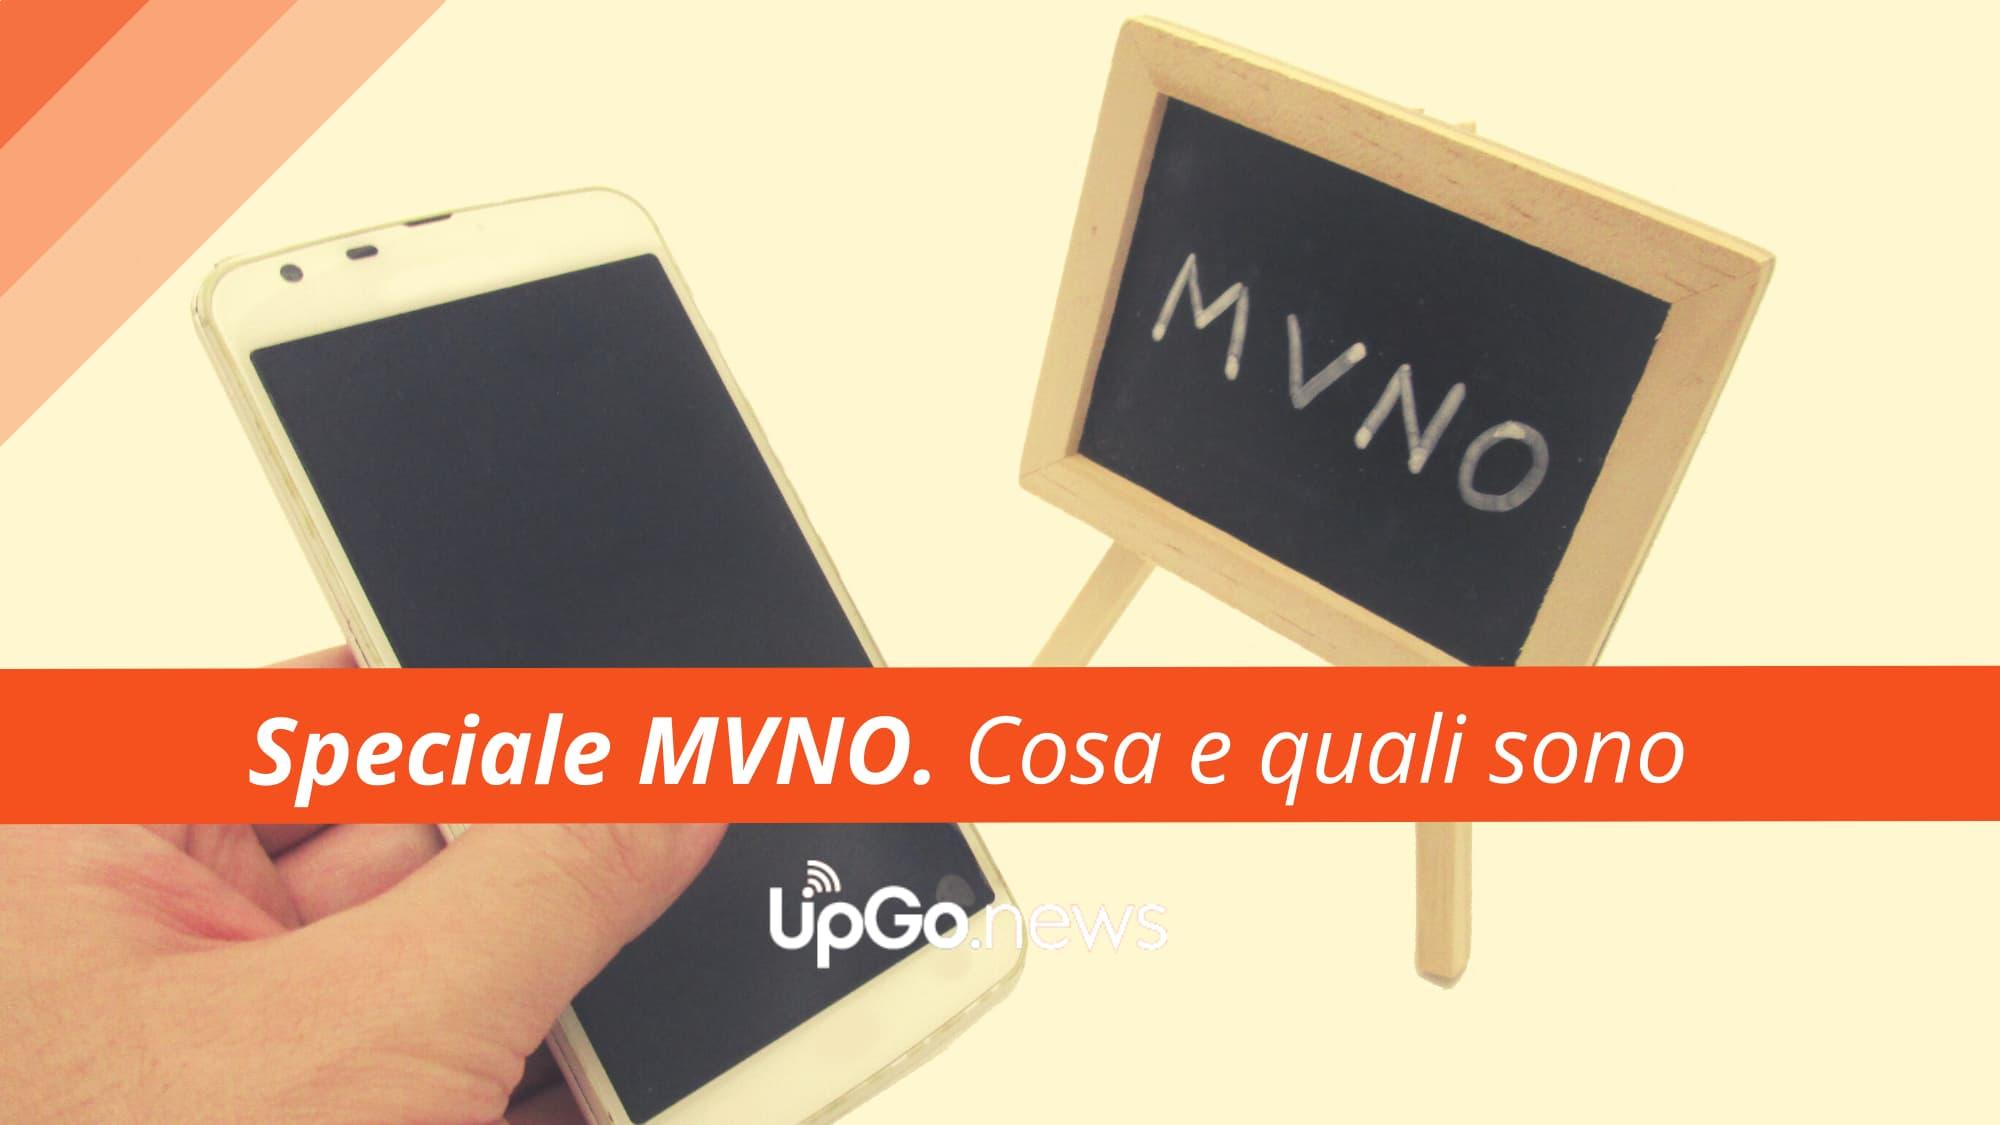 Speciale MVNO italiani